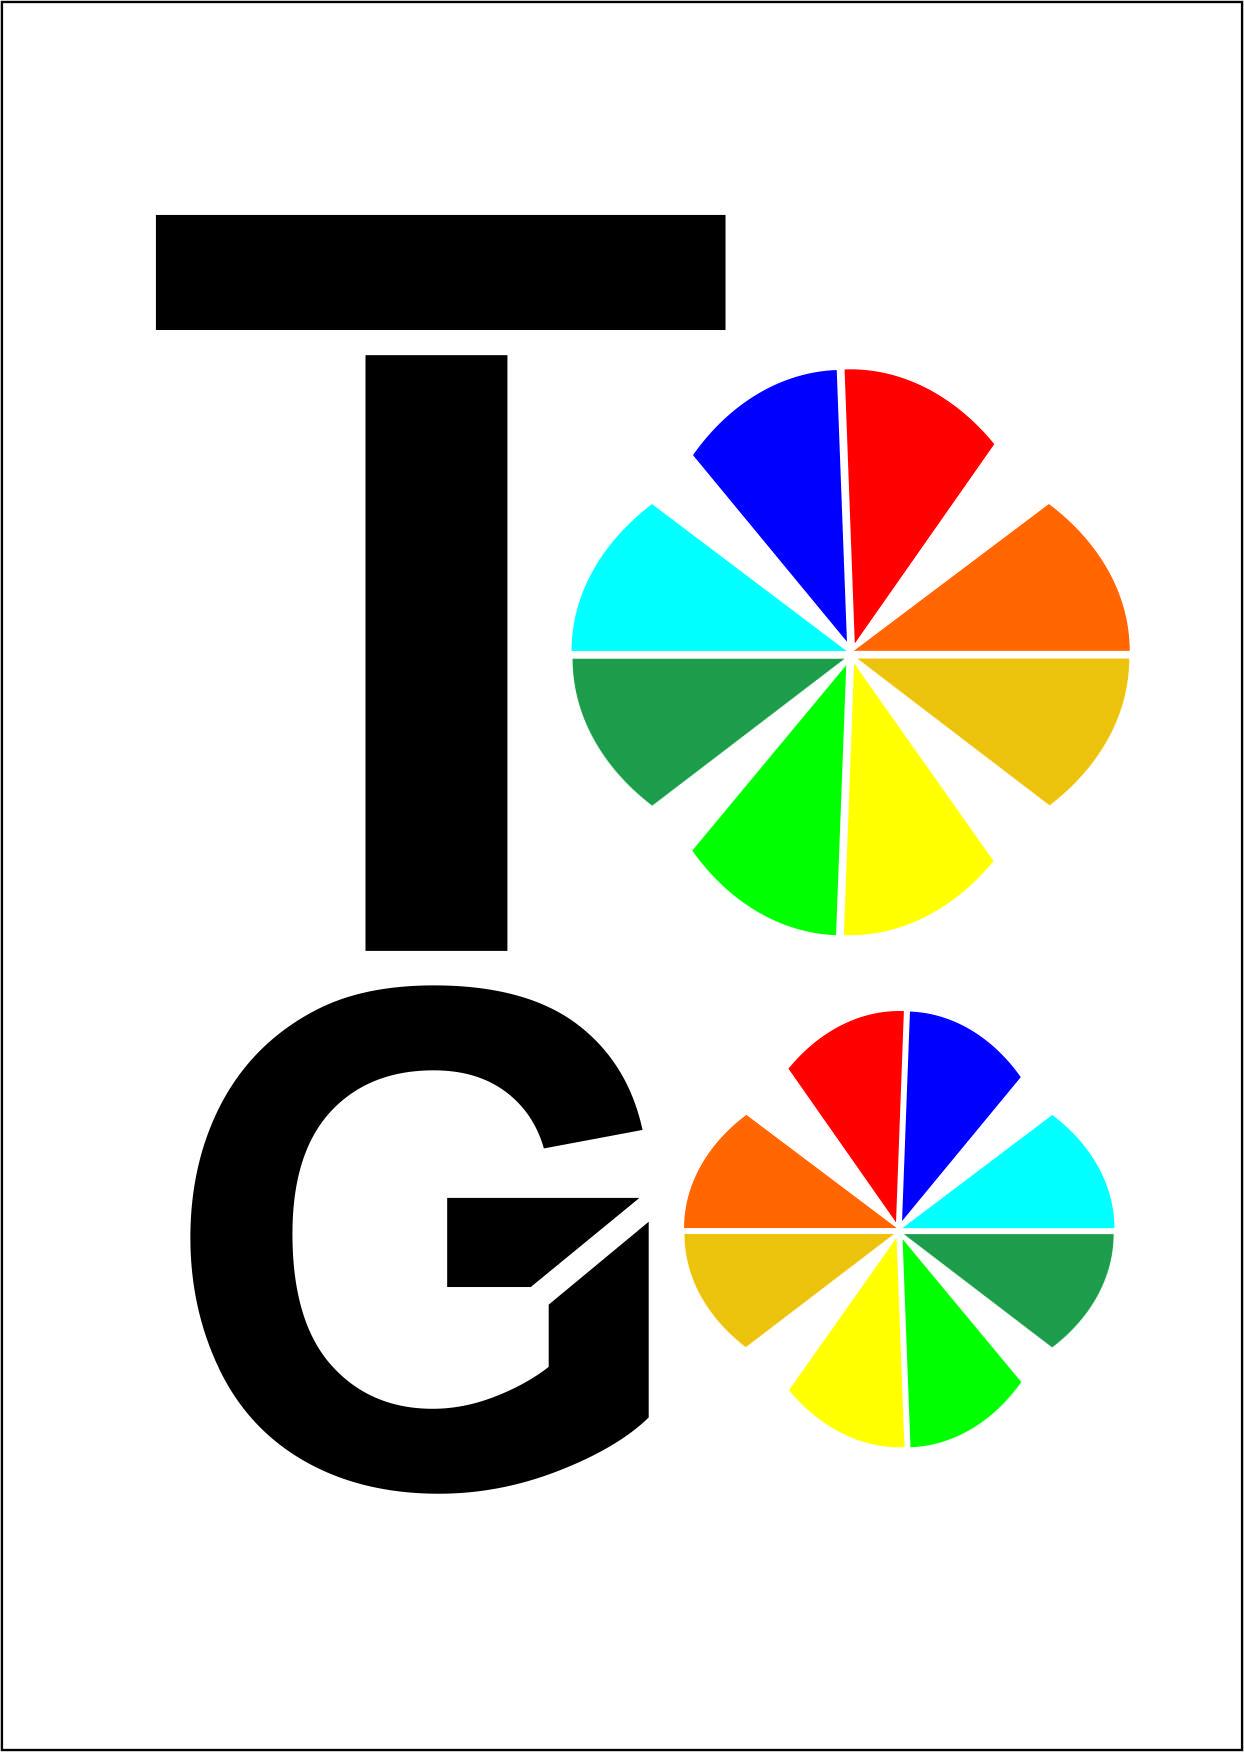 Разработать логотип и экран загрузки приложения фото f_3715a8bbea76211e.jpg